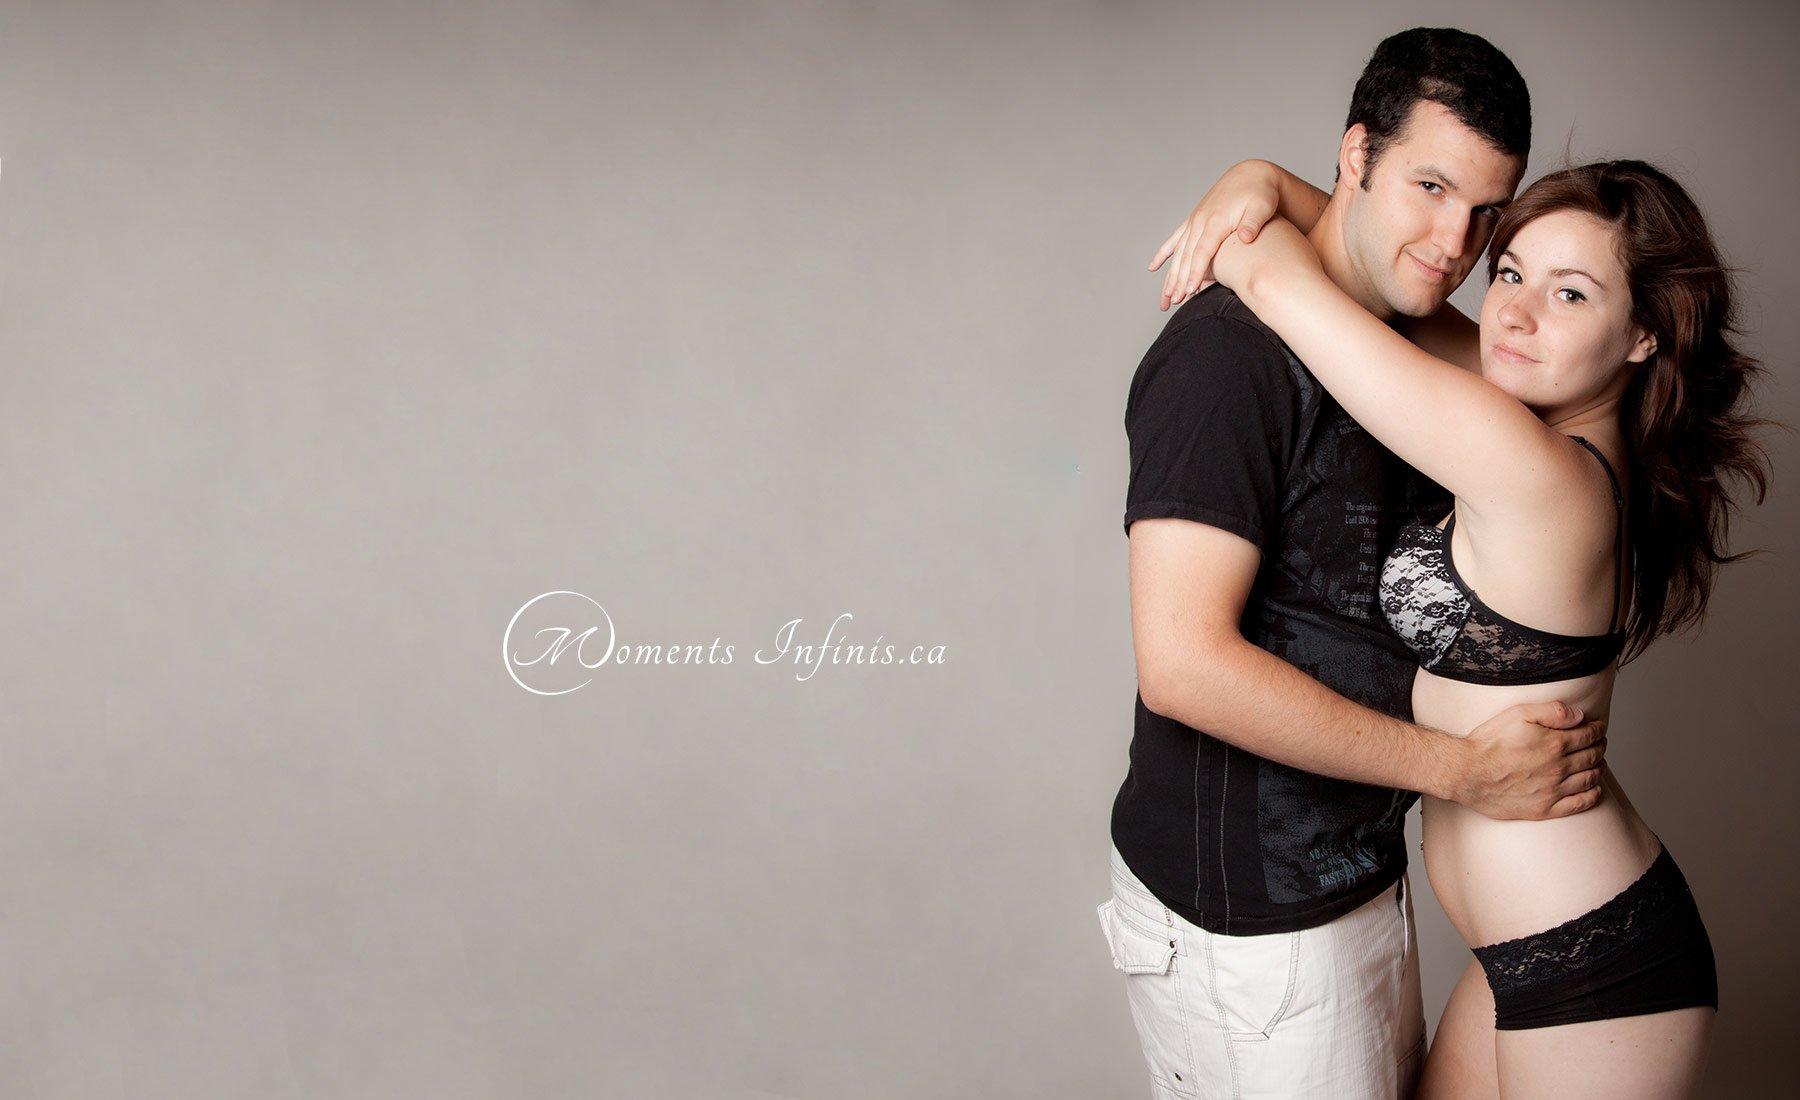 couple_1800x1100_5